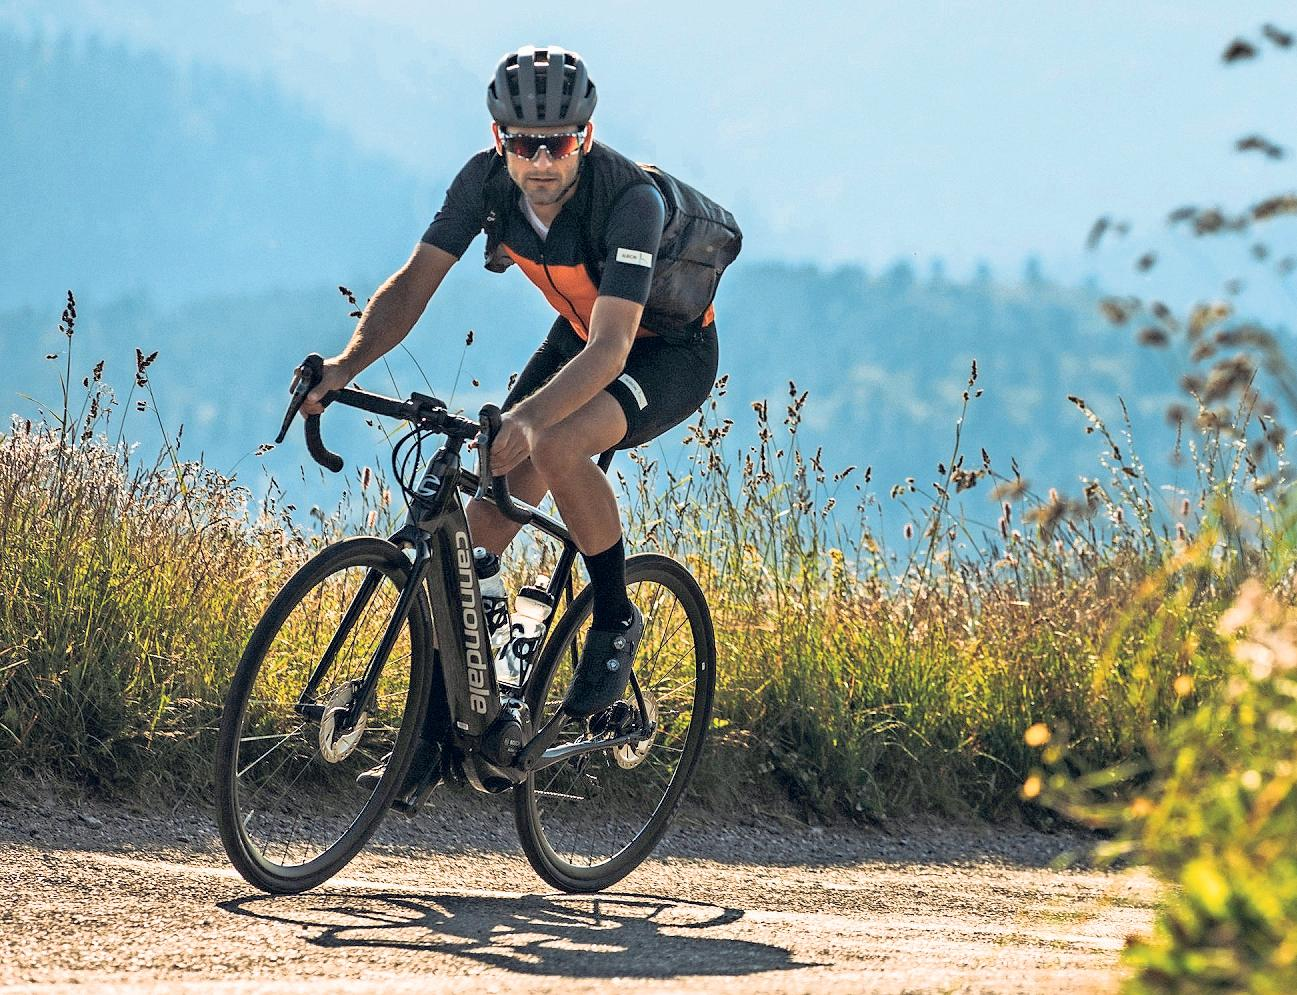 BREITERE REIFEN: Gravel-Bikes sind mit bis zu 50 Millimeter breiten Reifen ausgestattet, um auch Wege abseits asphaltierter Straßen problemlos unter die Räder nehmen zu können.Foto: Cannondale/pd-f/dpa-tmn